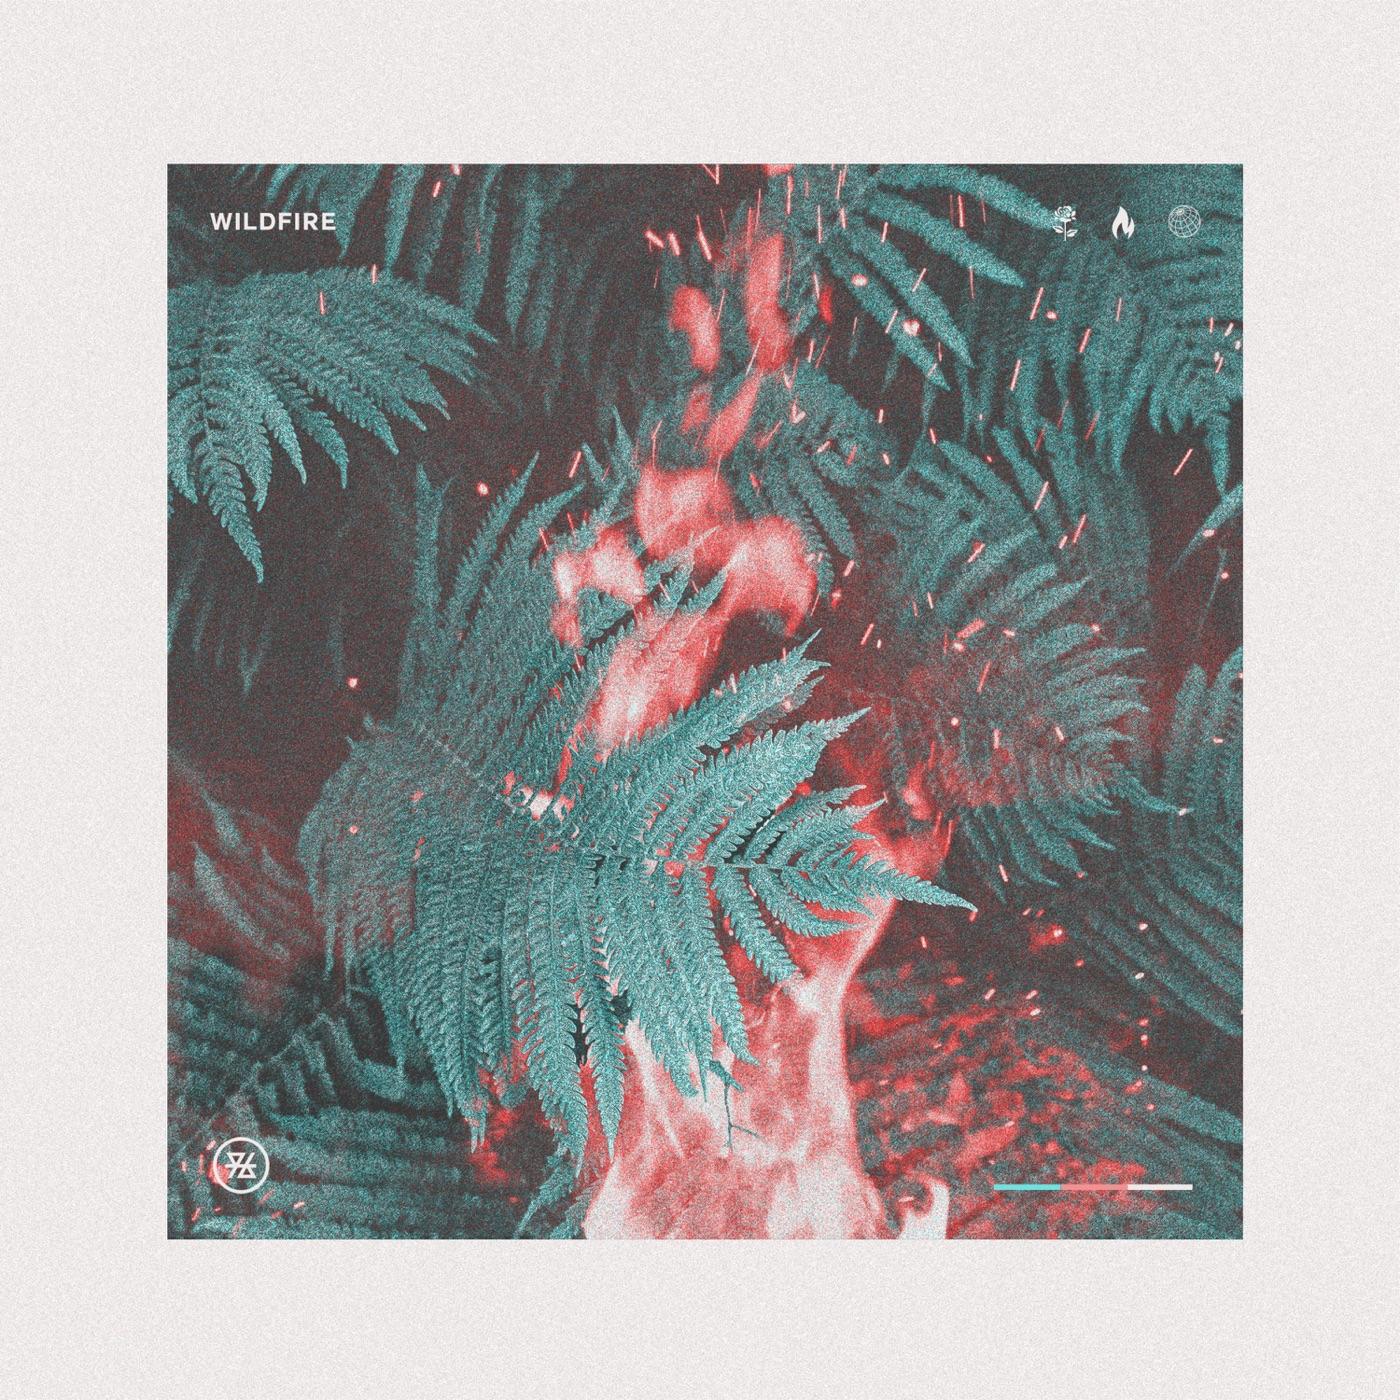 Valiant Hearts - Wildfire [single] (2019)